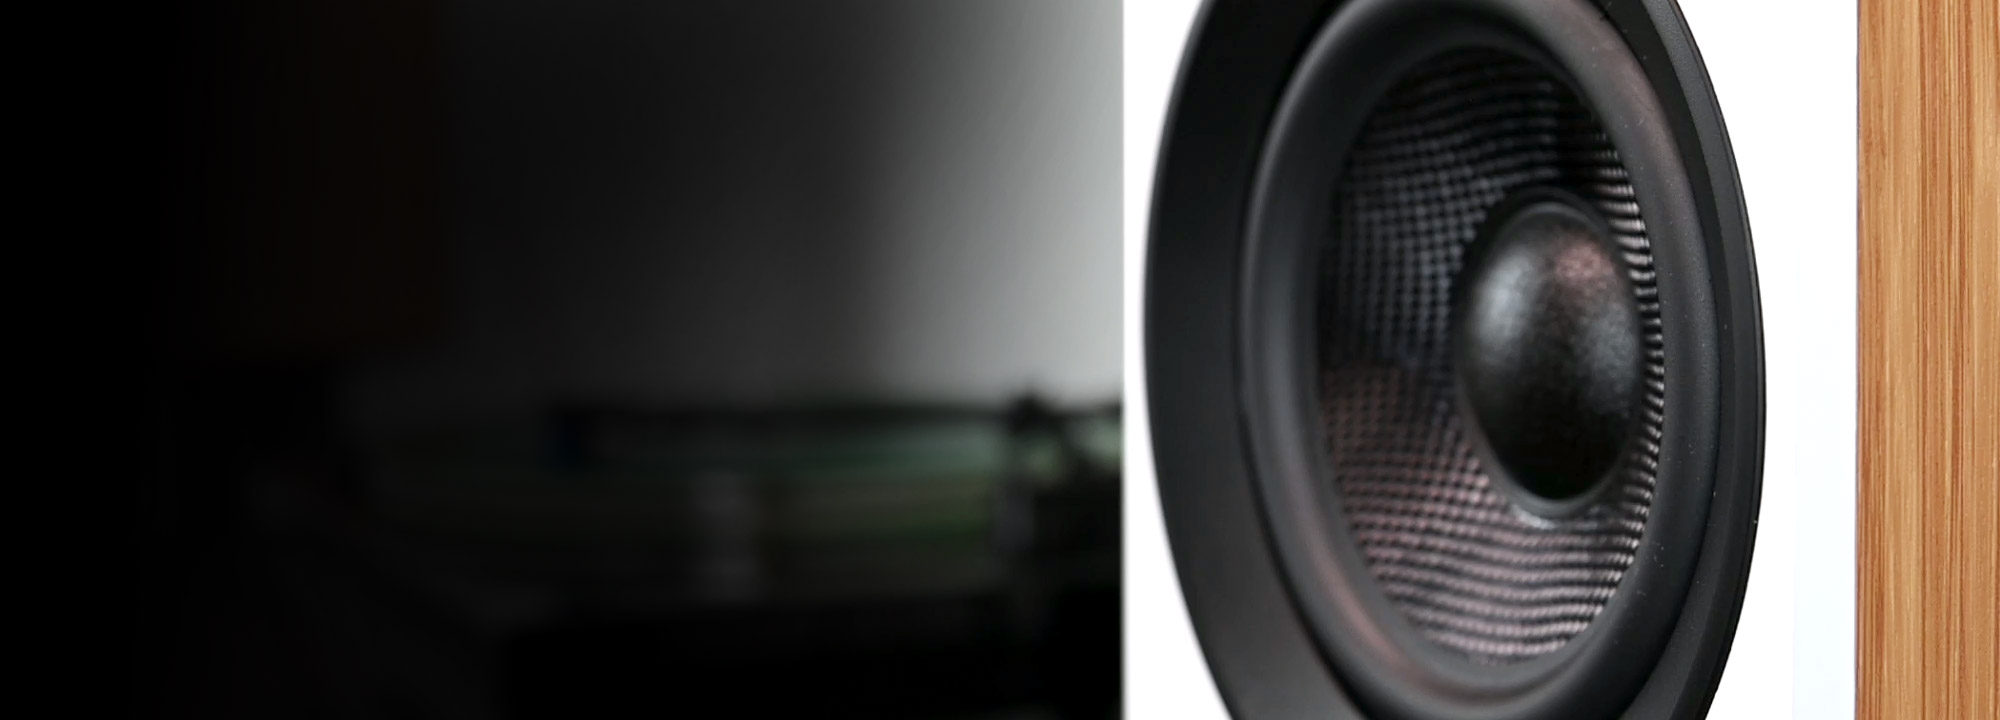 Ai61 Powered Stereo Bookshelf Speakers